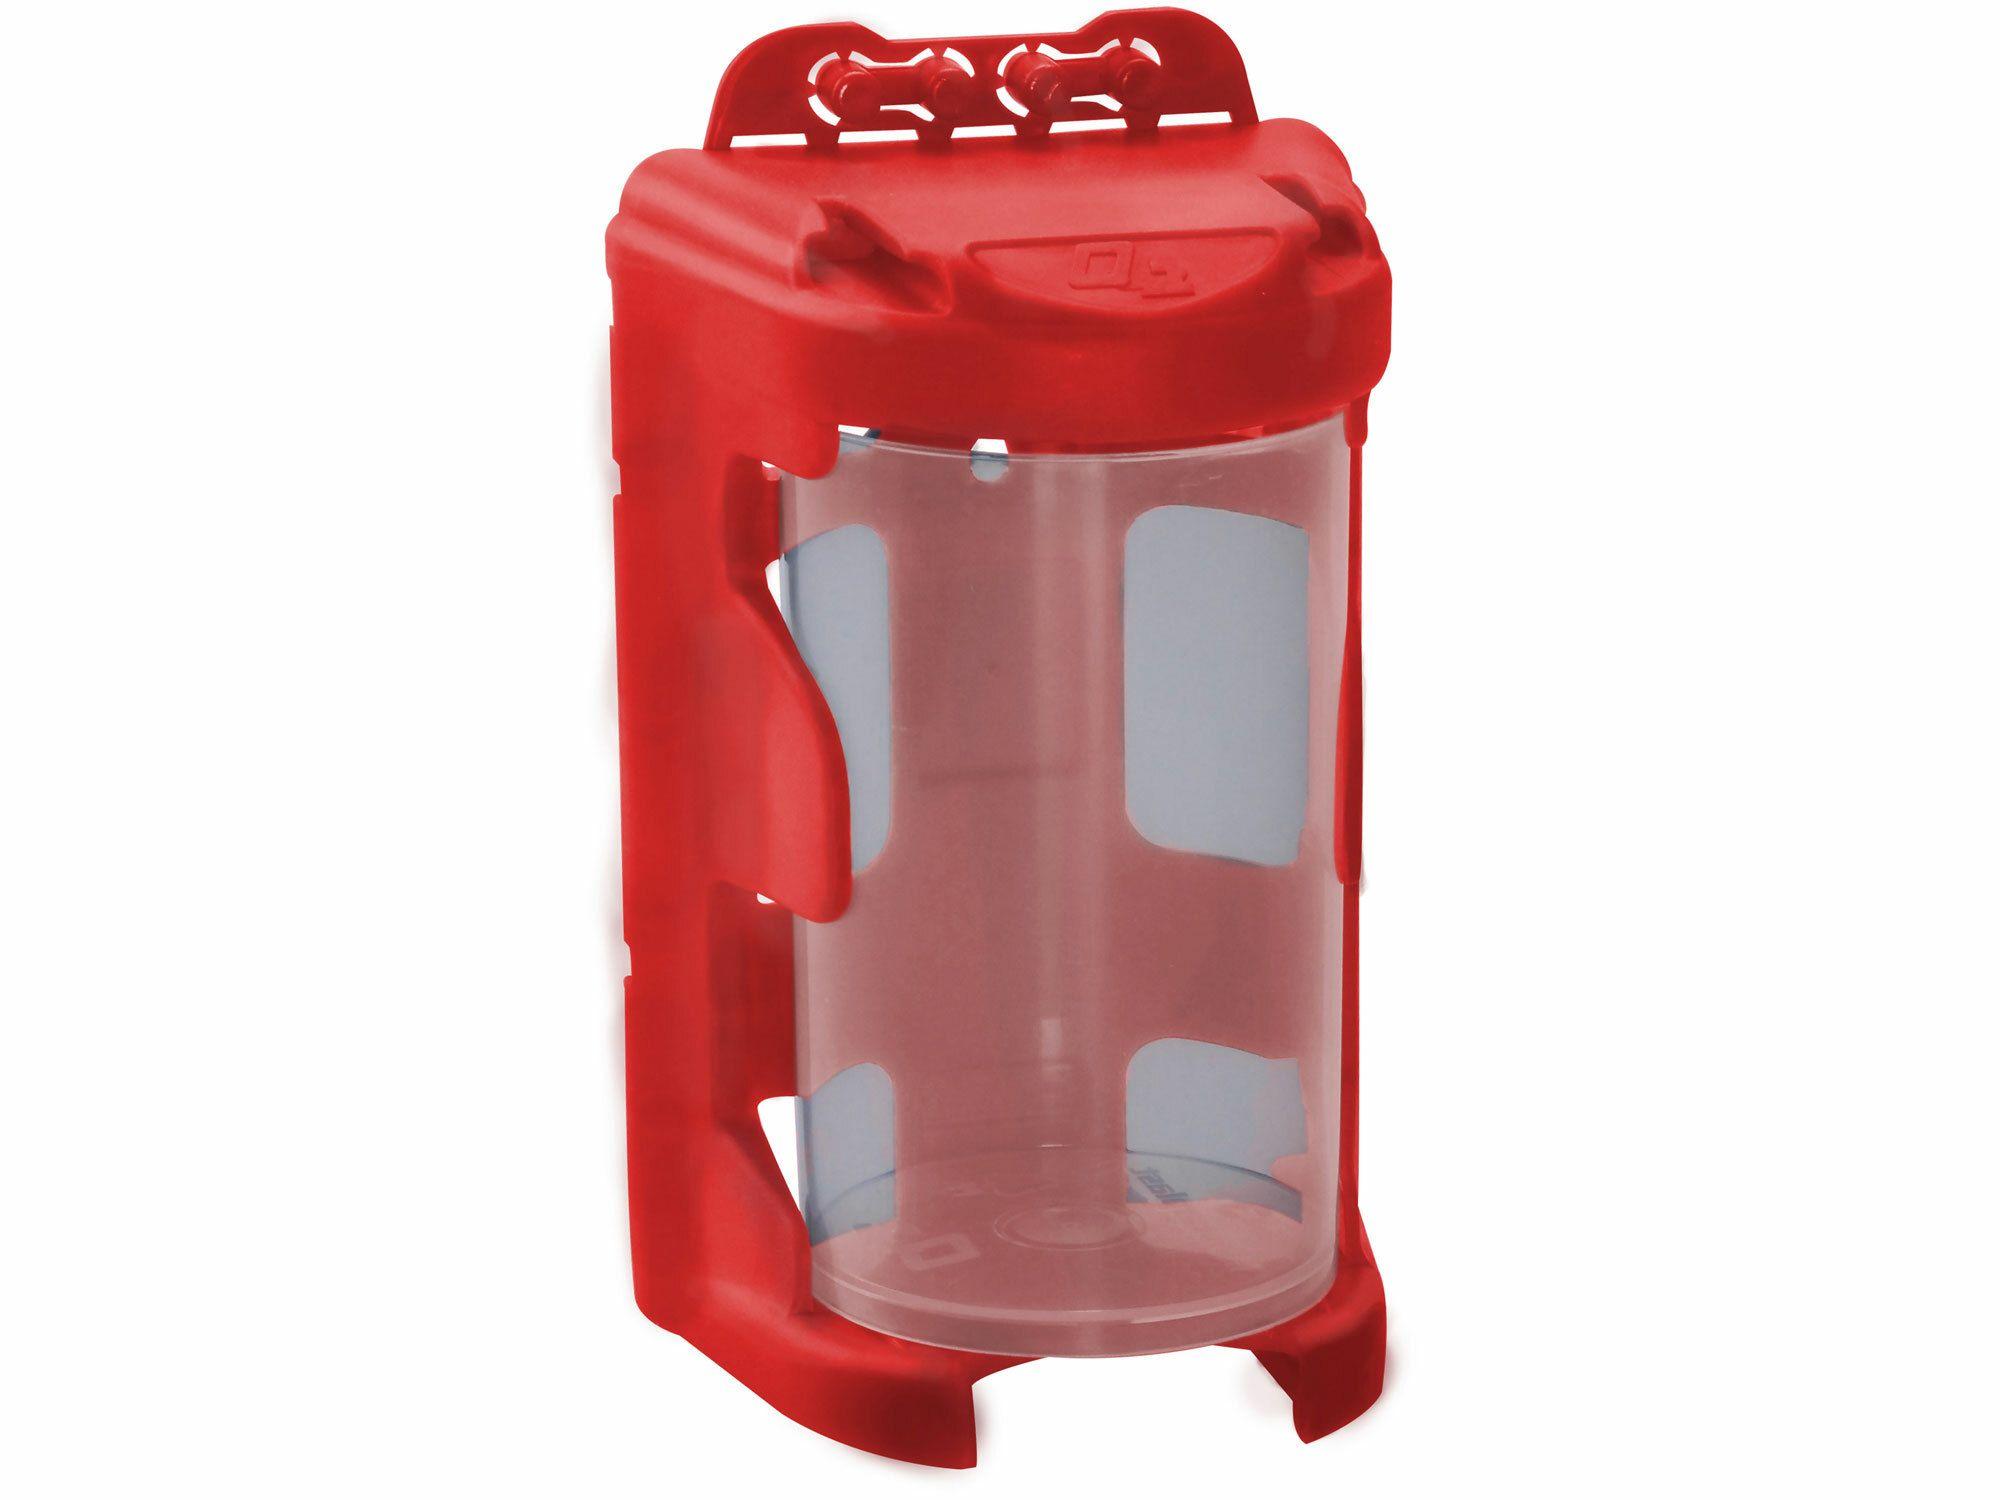 Organizér modulový závěsný - červený, 210ml (60 x 92mm), PP, EXTOL